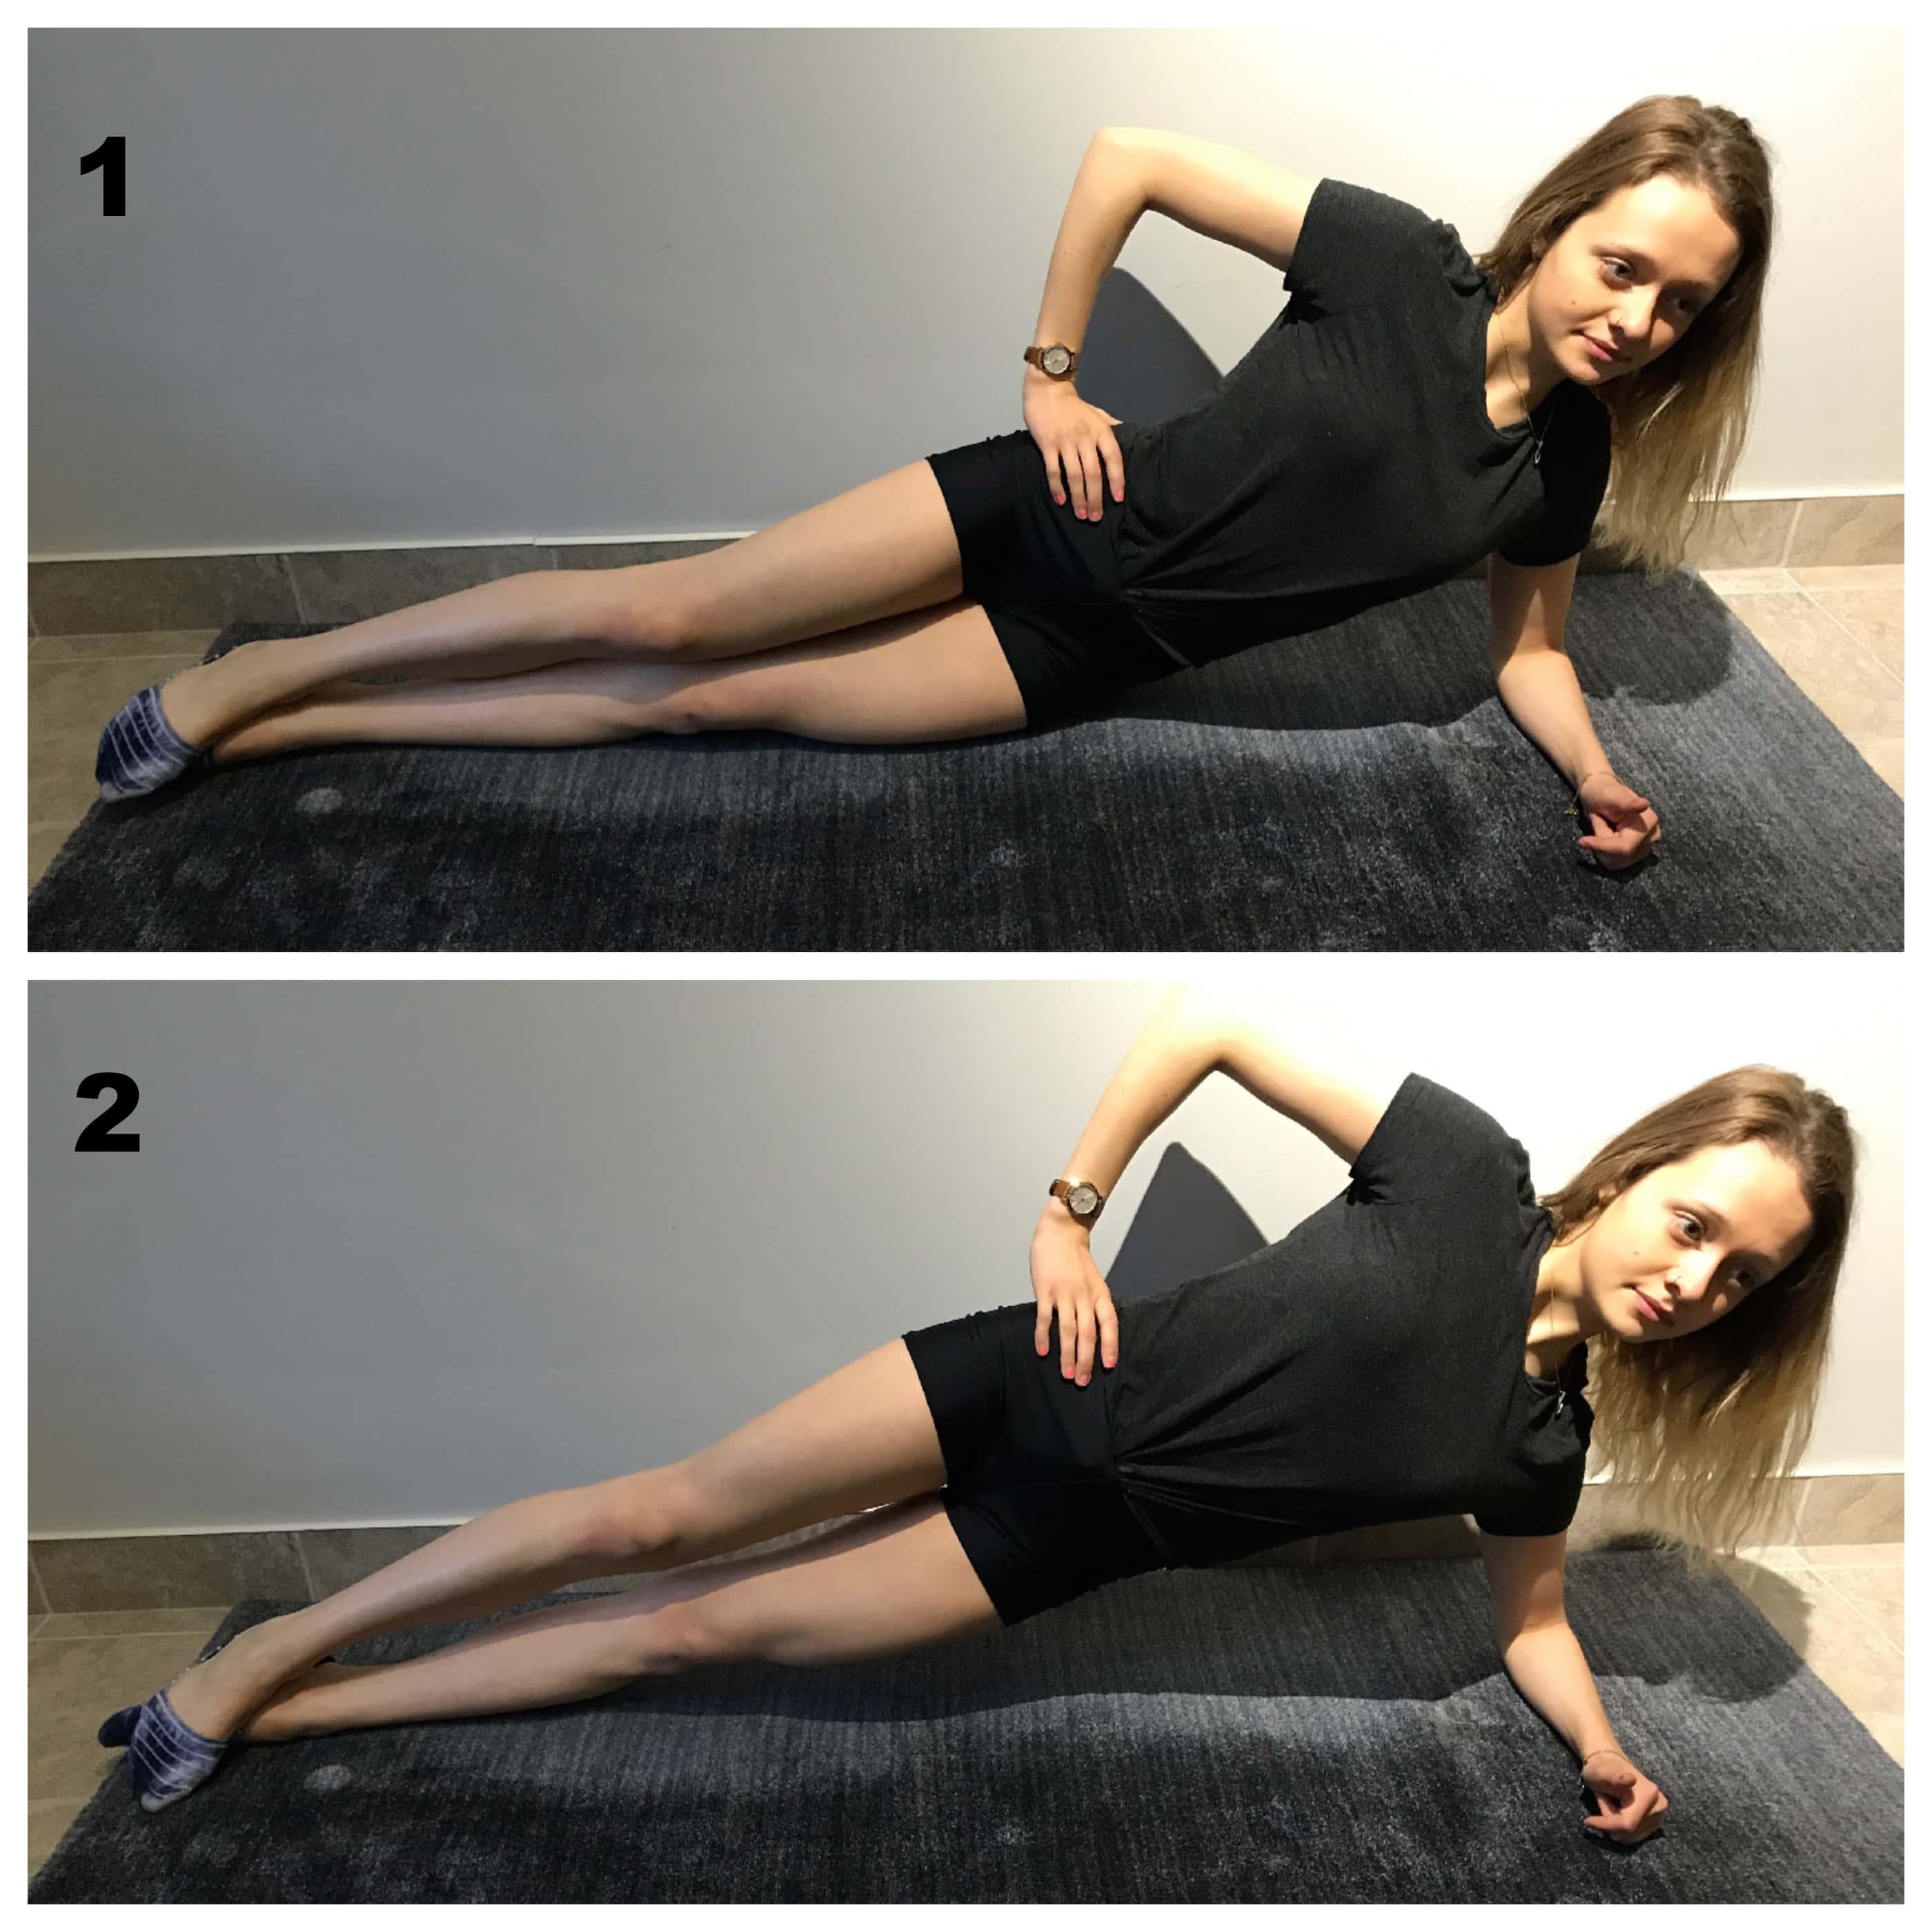 5 exercices pour soigner une entorse lombaire un tour de rein dr michael desbiens. Black Bedroom Furniture Sets. Home Design Ideas